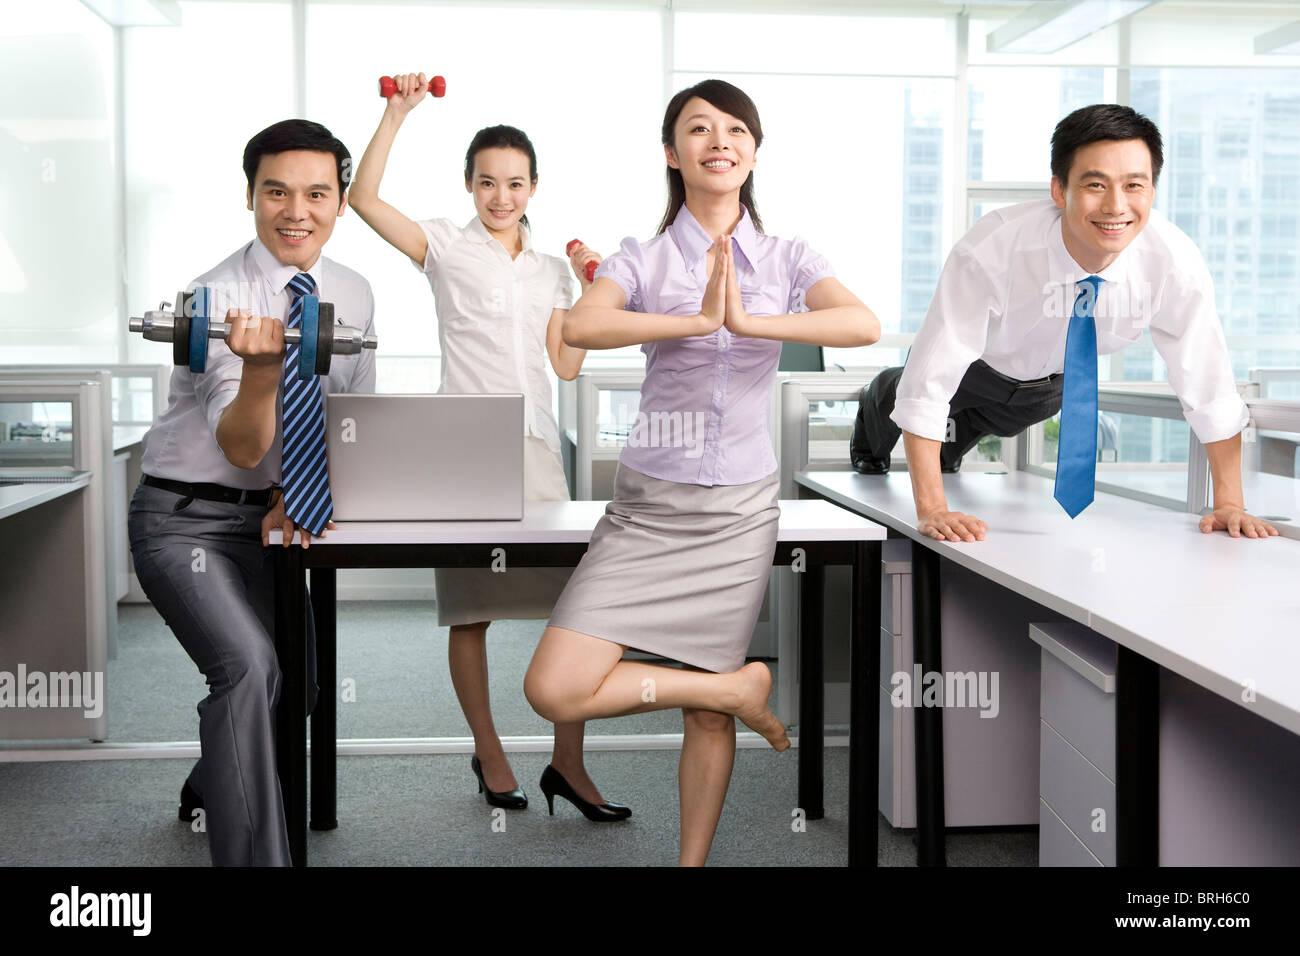 Mantenerse en forma en la oficina Imagen De Stock